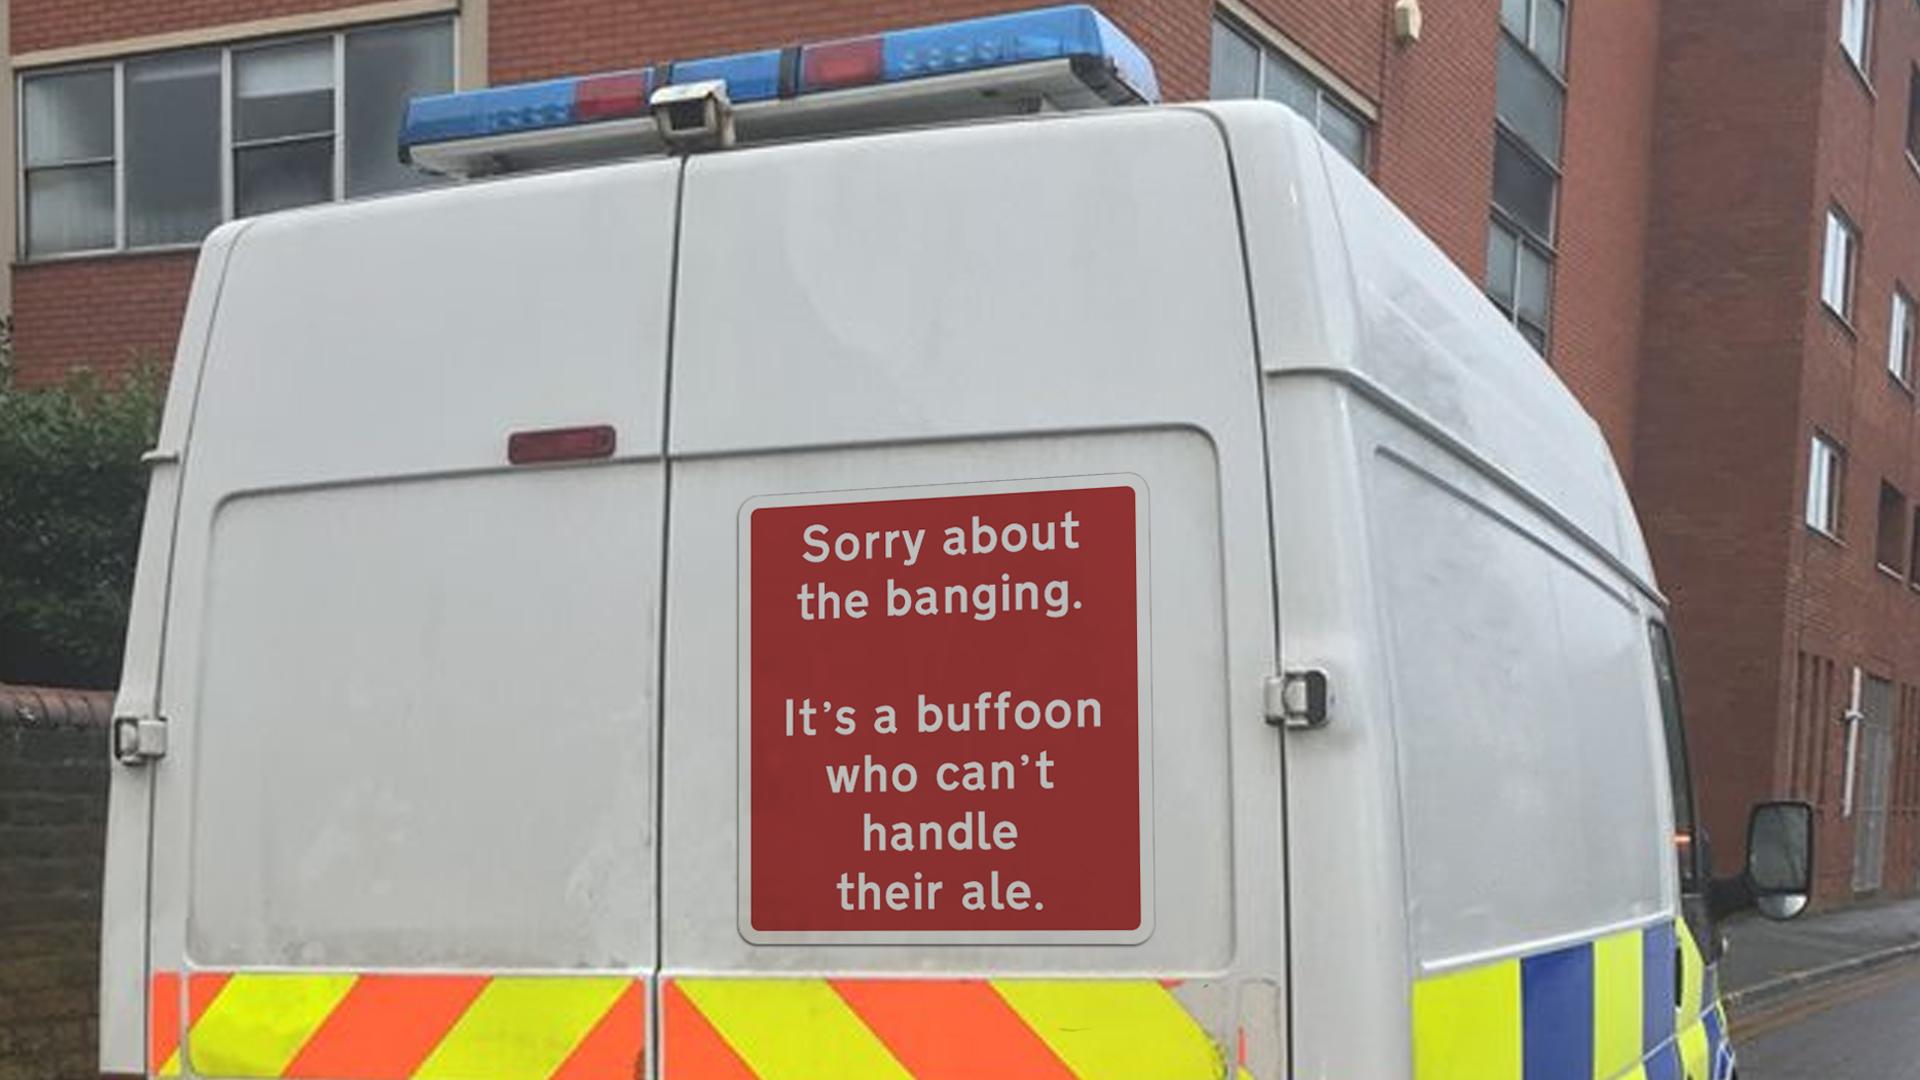 Honest Sign on Riot Van